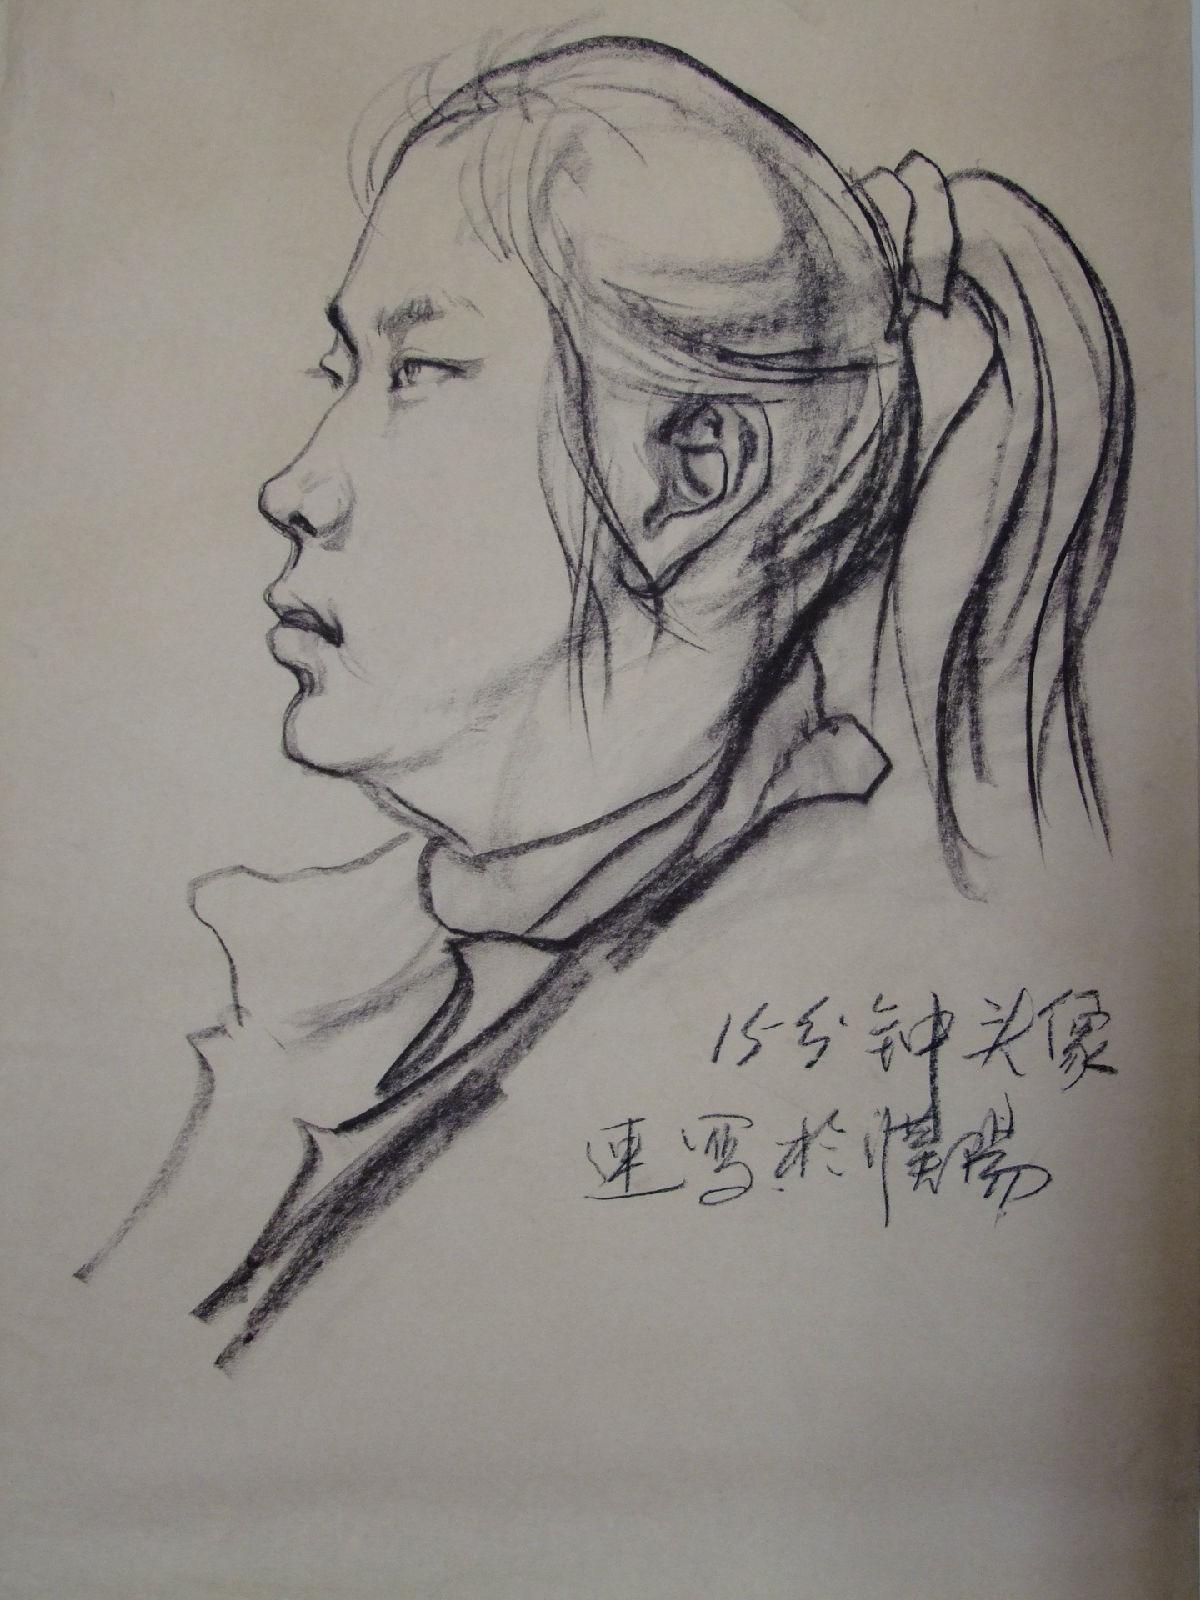 刘红选素描